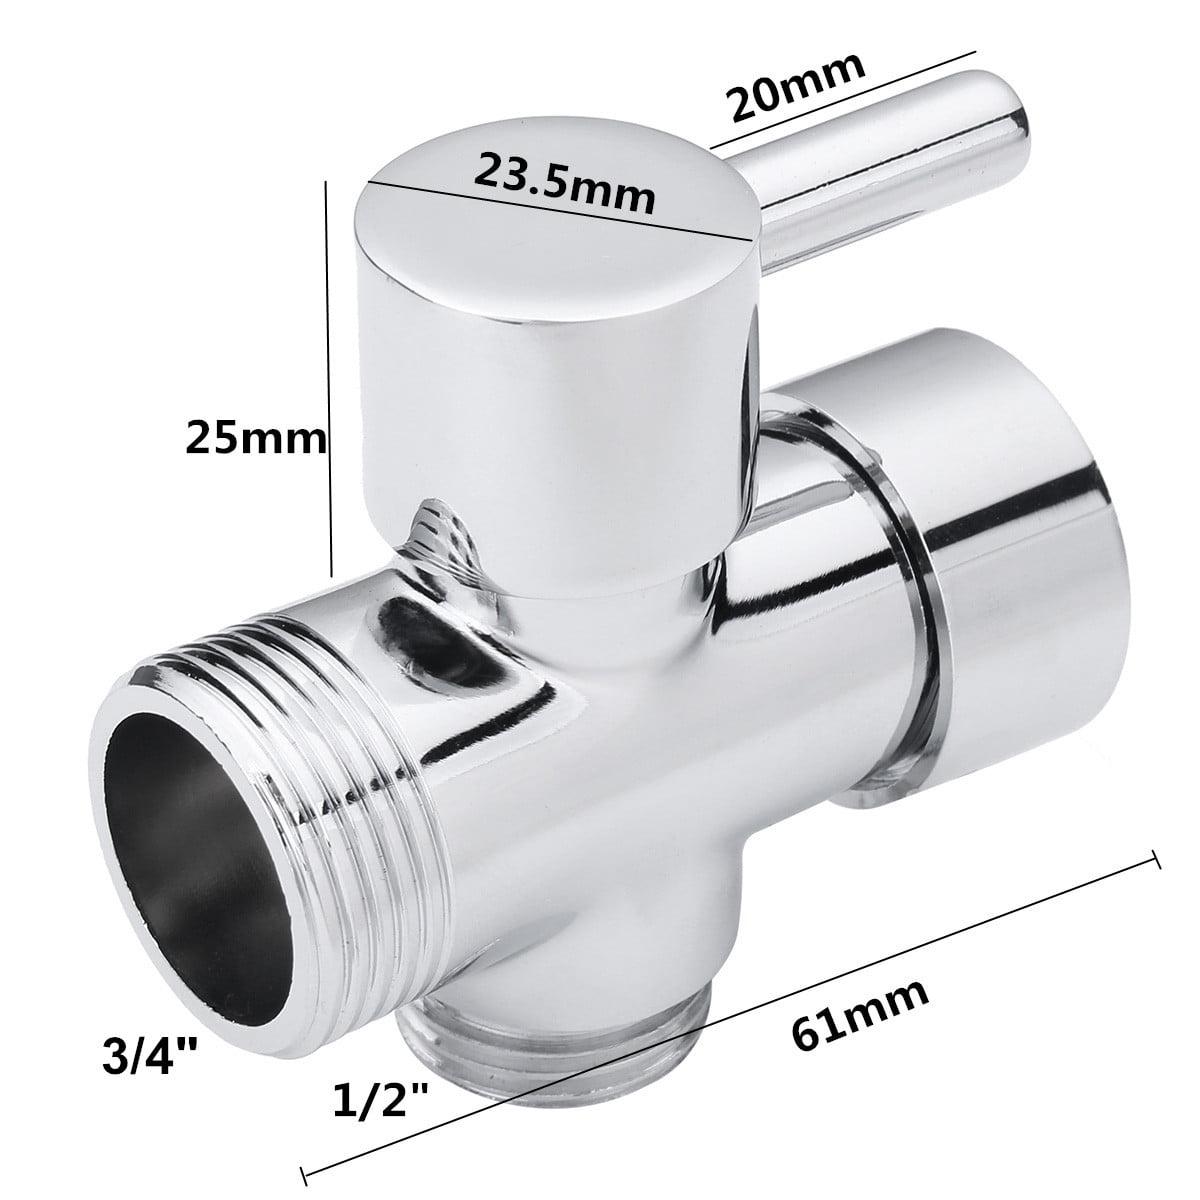 ABS Hand Held Bidet Shower Bathroom Spray 3/4  T-adapter Full Faucets Set Sprayer Jet